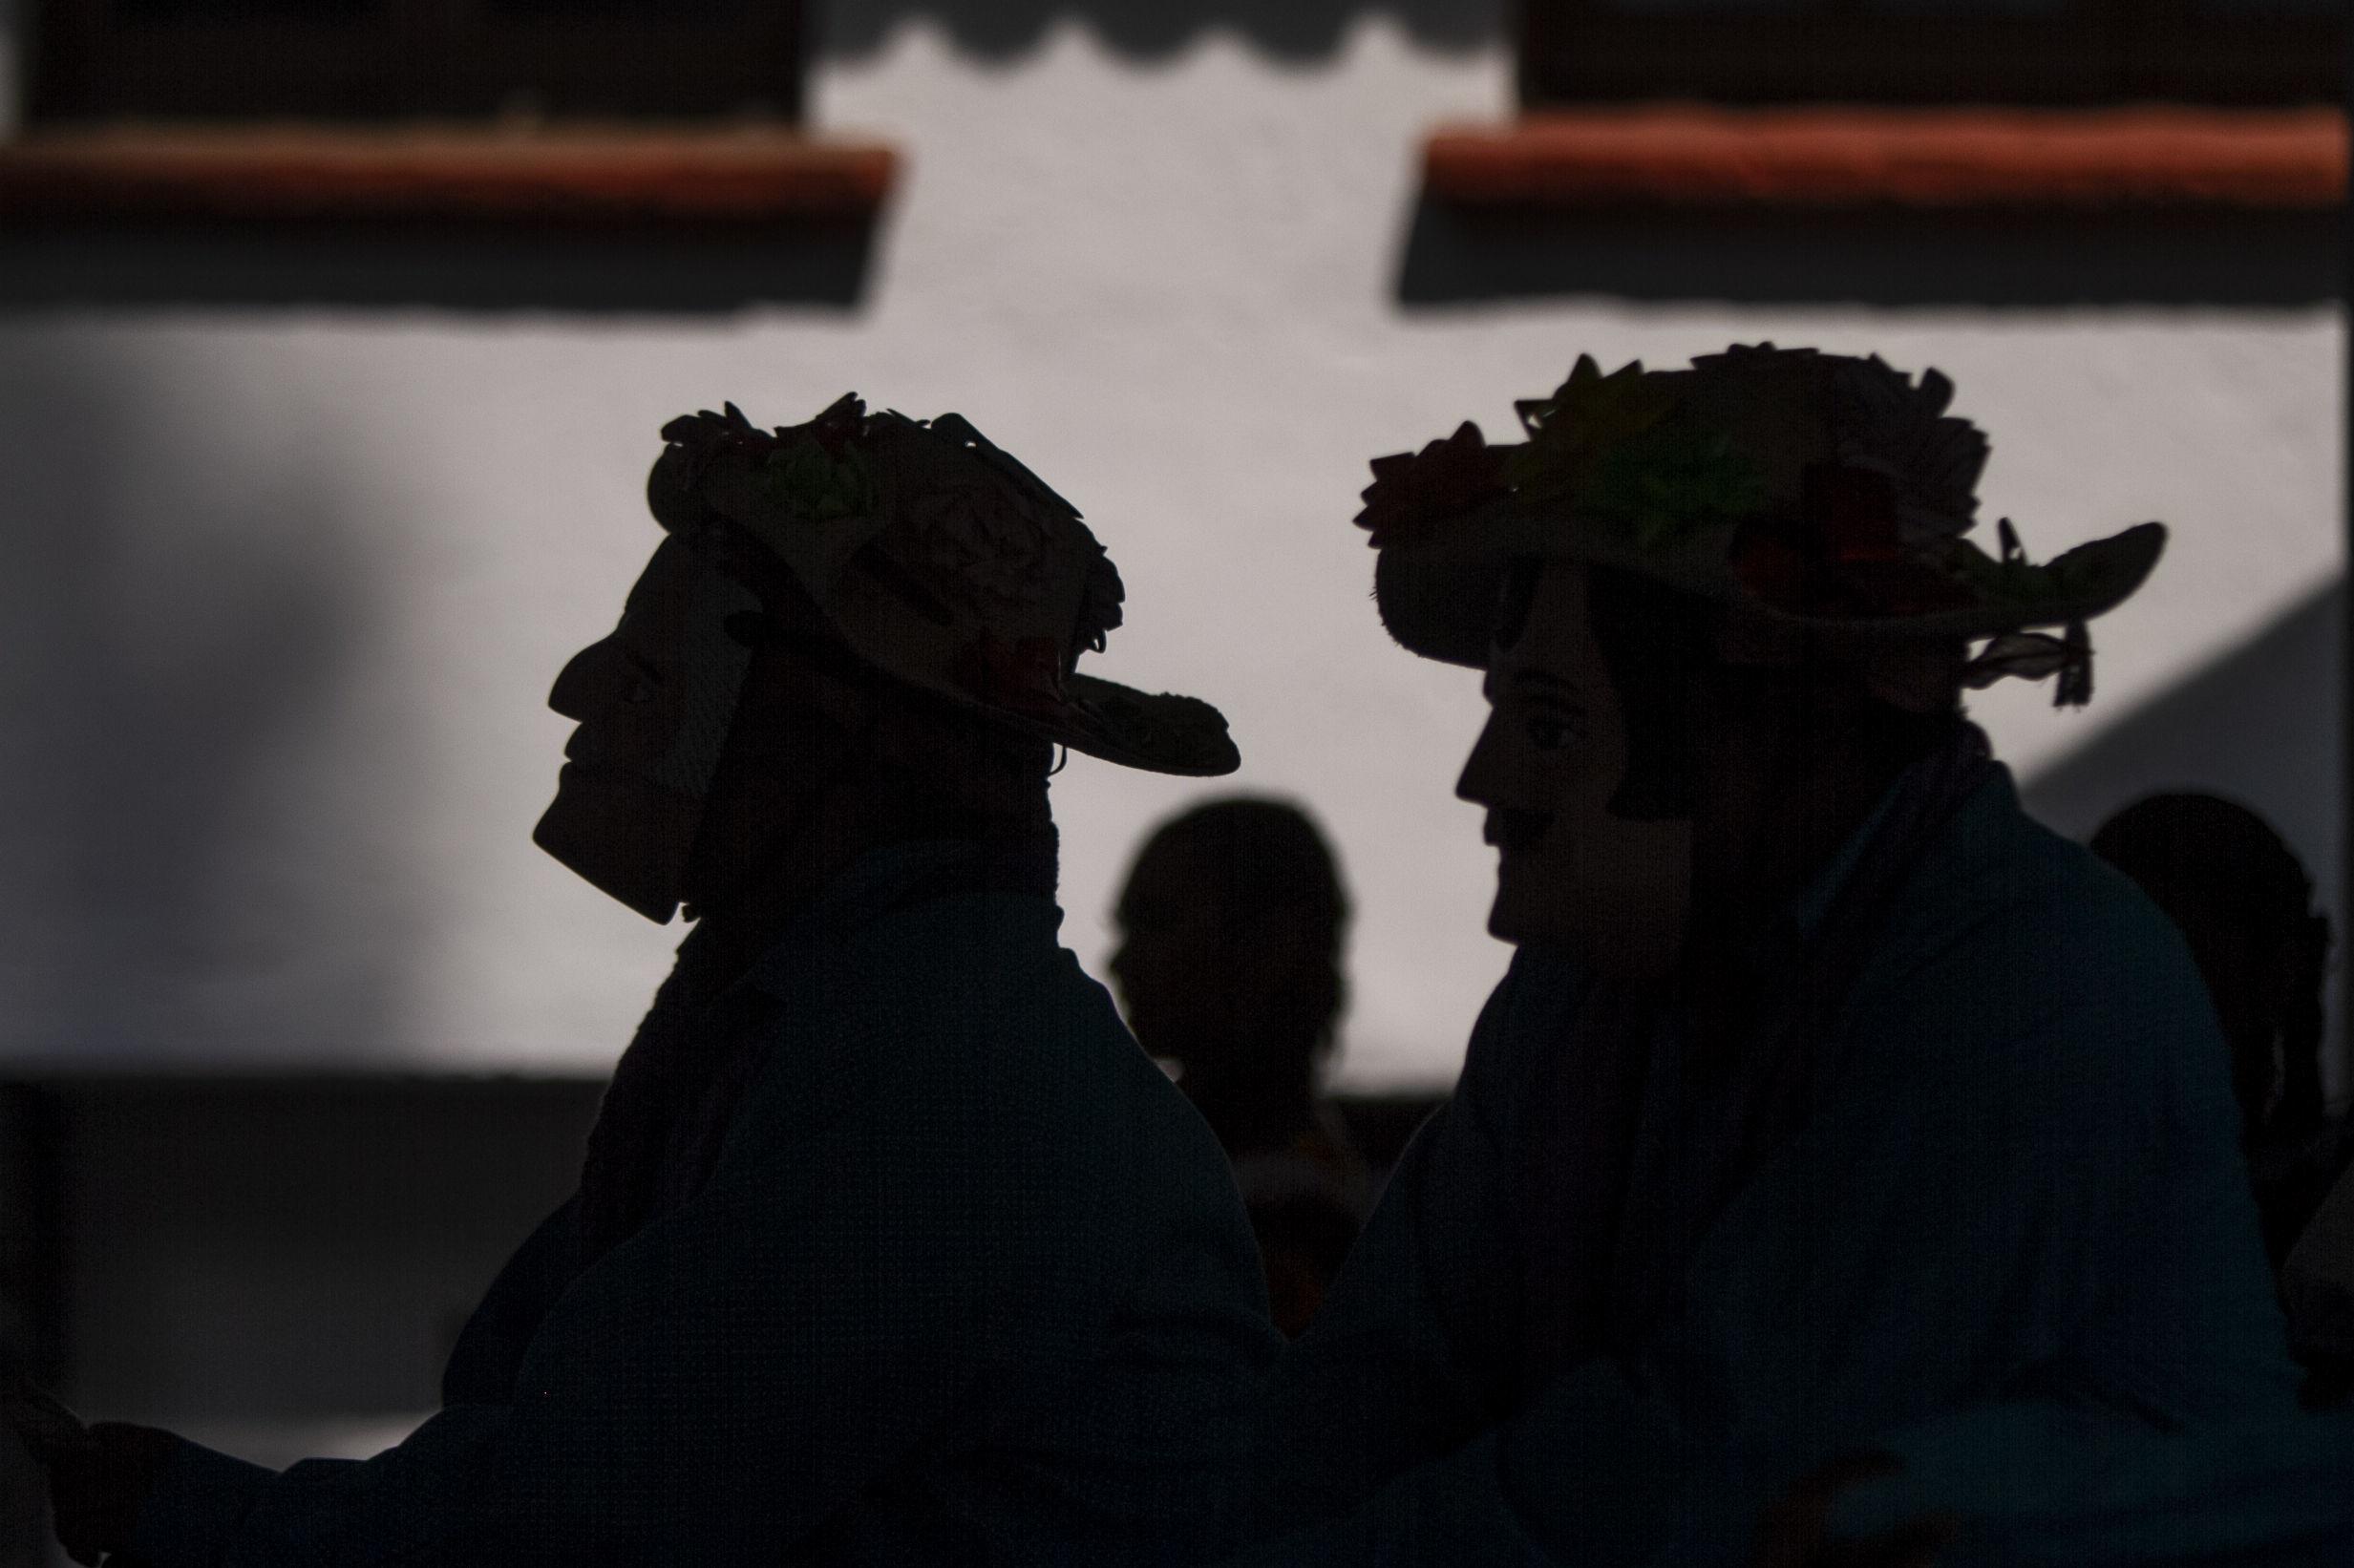 Miembros de la 'Danza Tradicional de la UNAM' representan la Danza de los Alchileos duarte el tercer encuentro nacional de mascareros